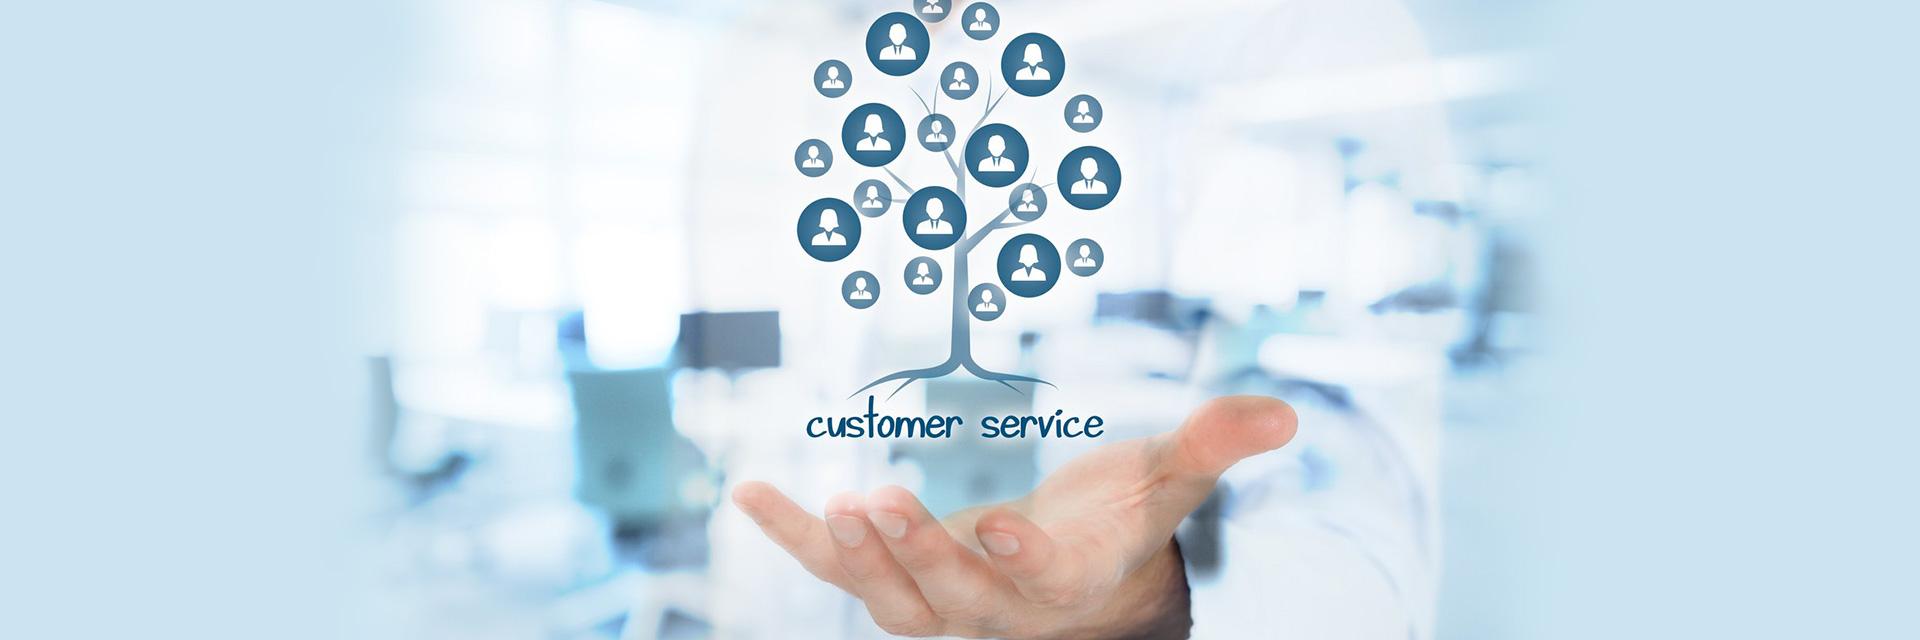 20个常用的客户服务英文邮件模板(客户欢迎/支持/续费/退款/挽留)